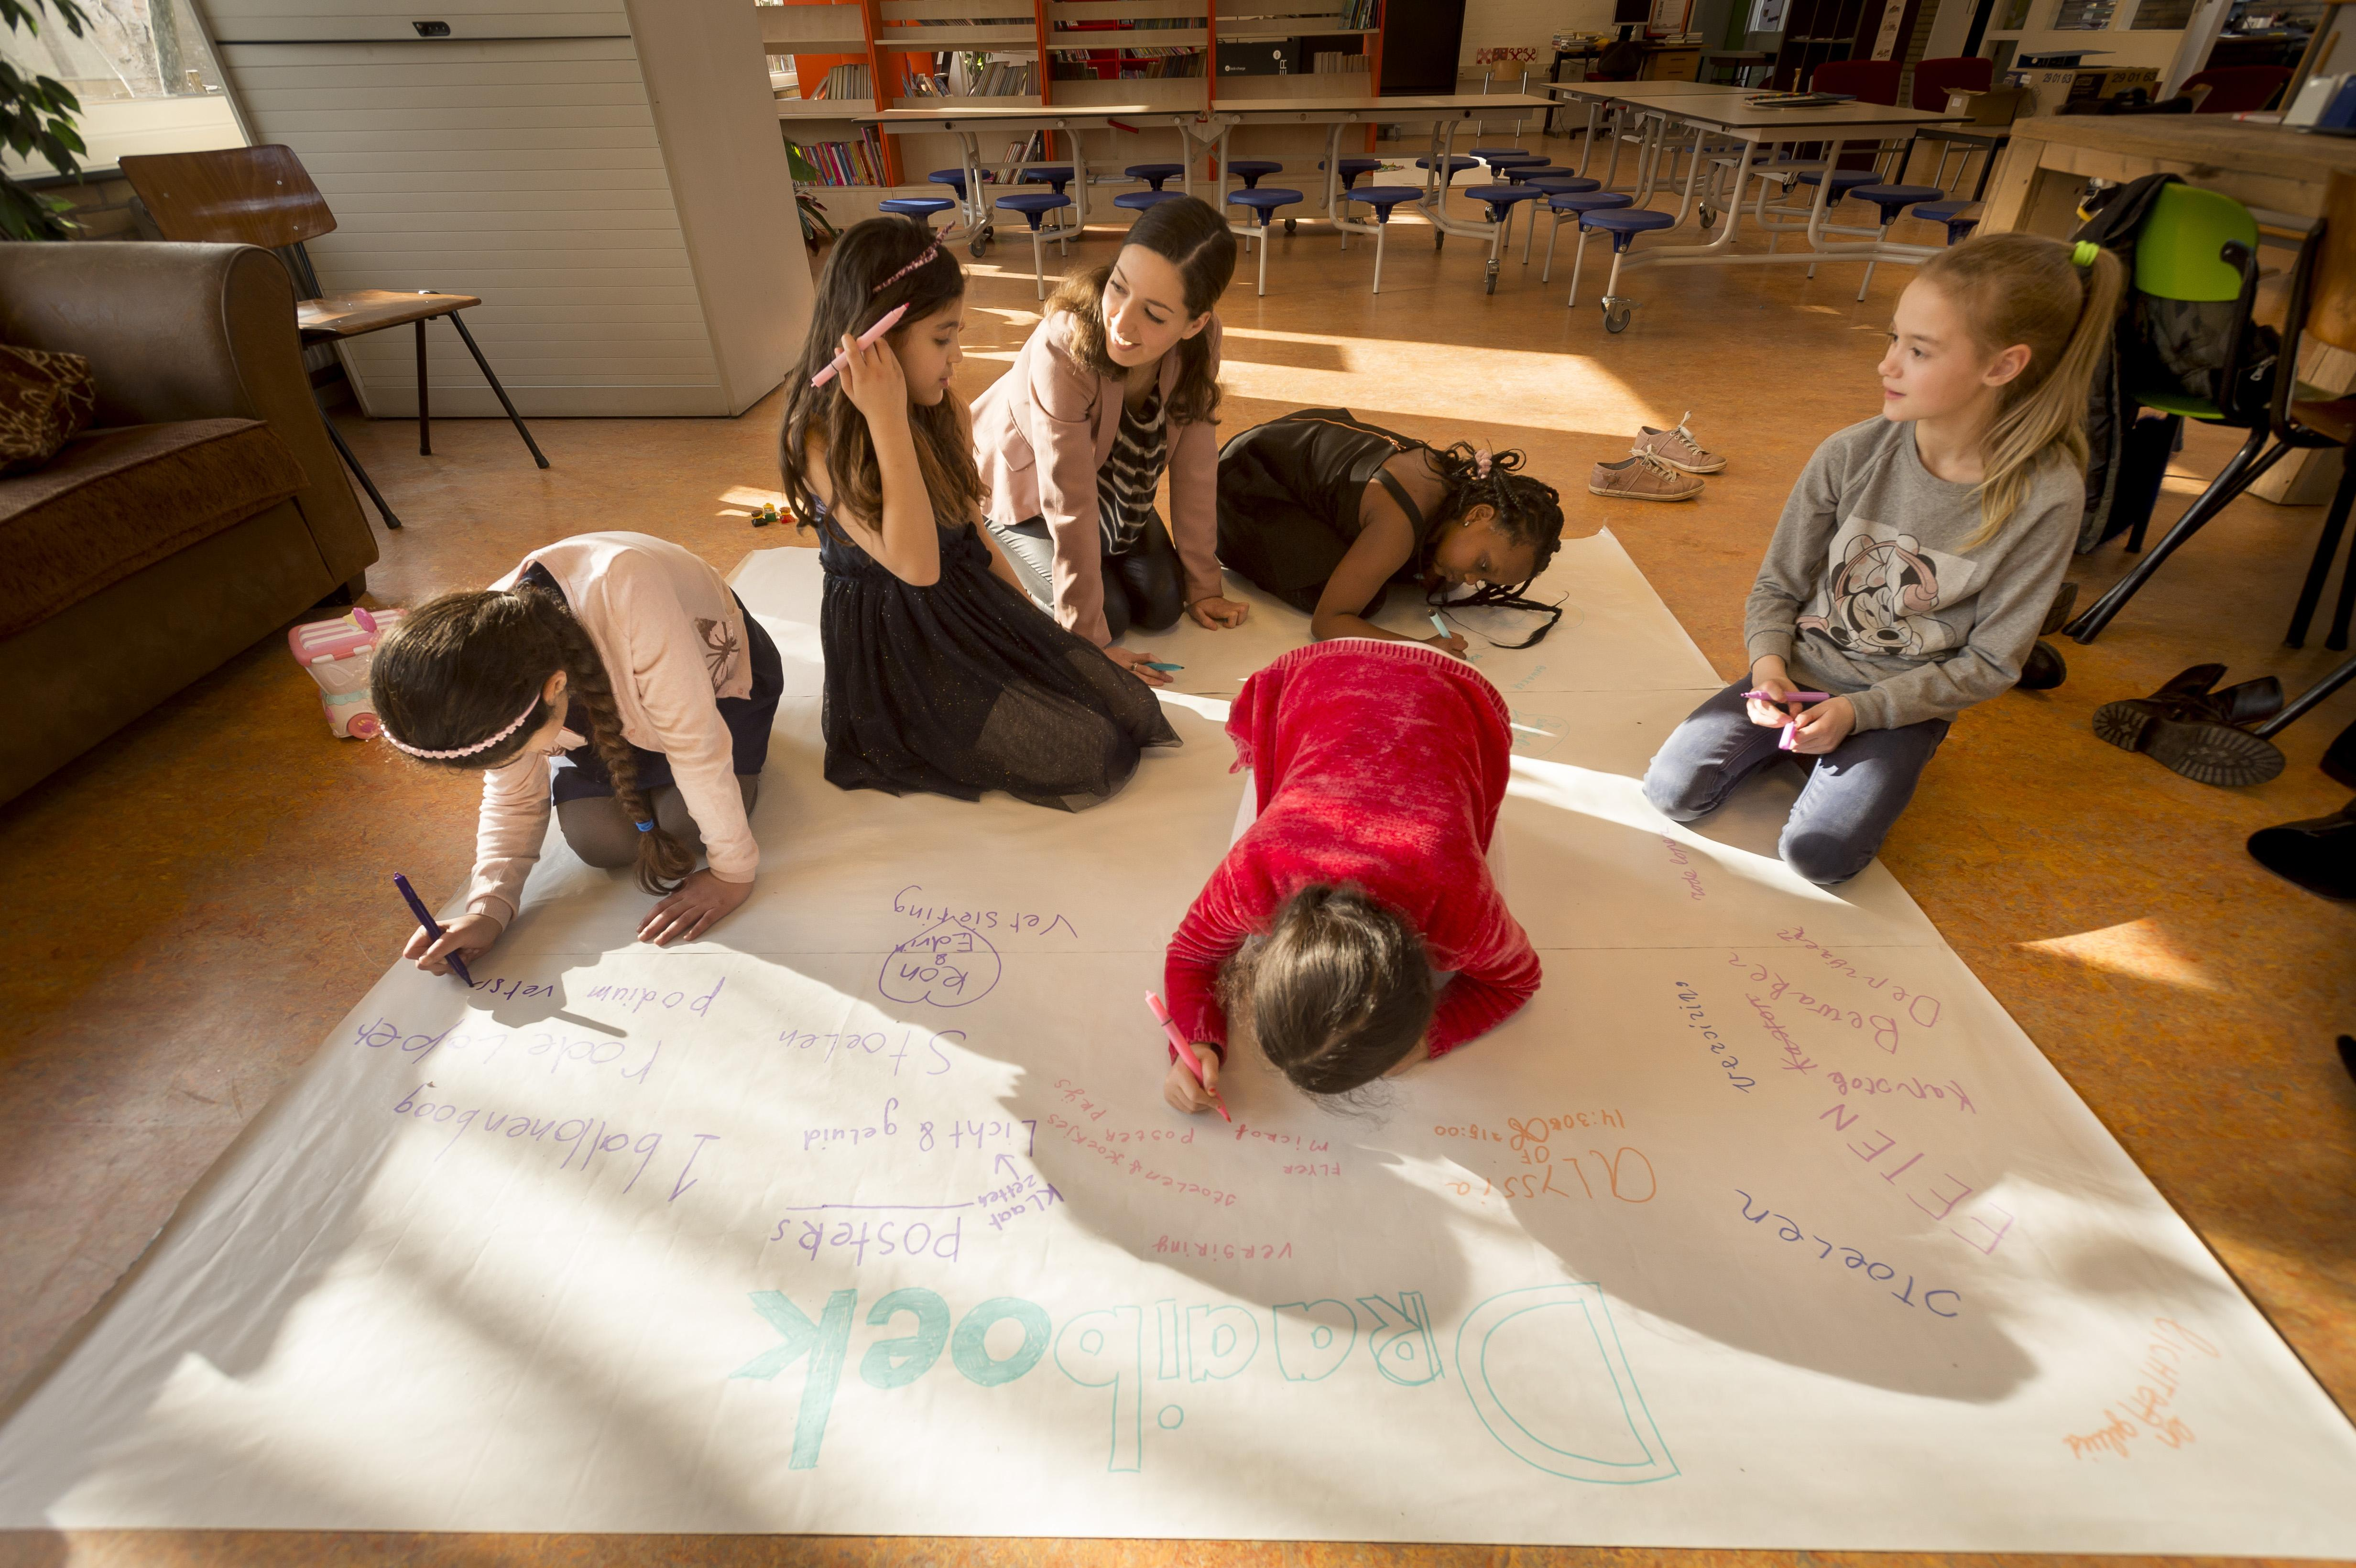 Verhoef helpt in Leidse Slaaghwijk: 'Ik wil de meiden inspireren om door te zetten'